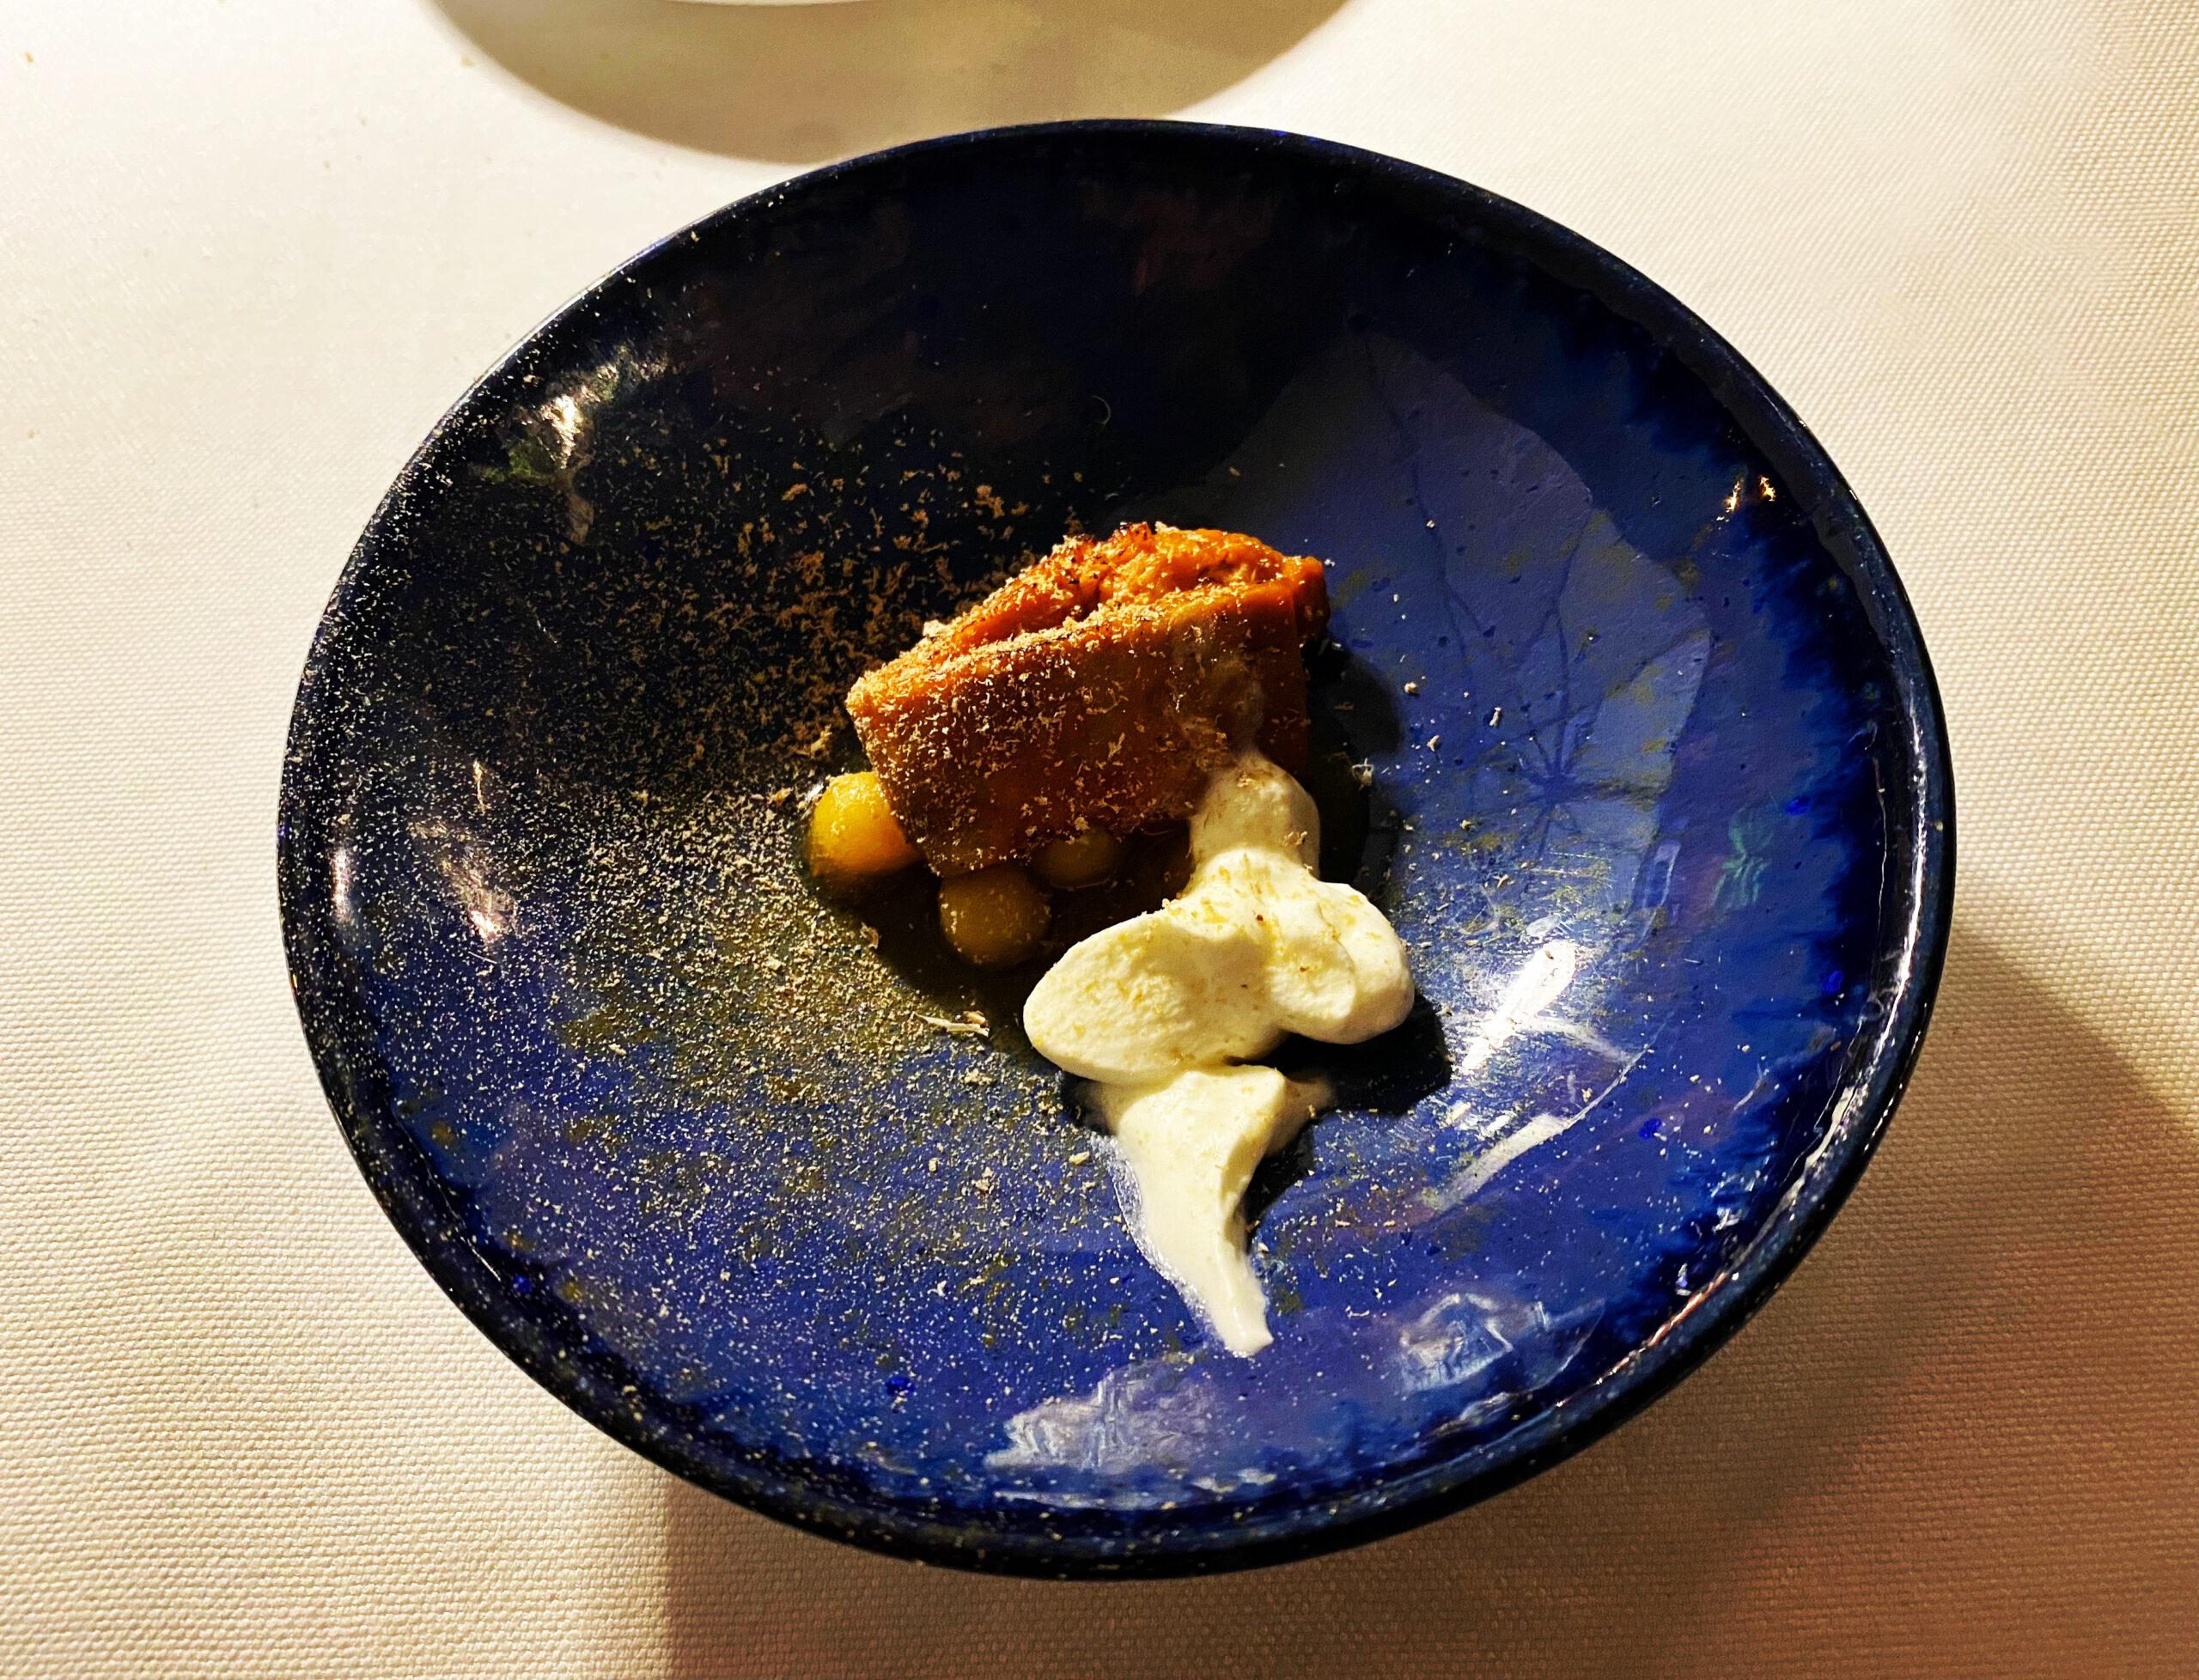 Andreina, Loreto - Fegato di rana pescatrice laccato nel caramello di pesche, milza disidratata d'agnello e salsa acida